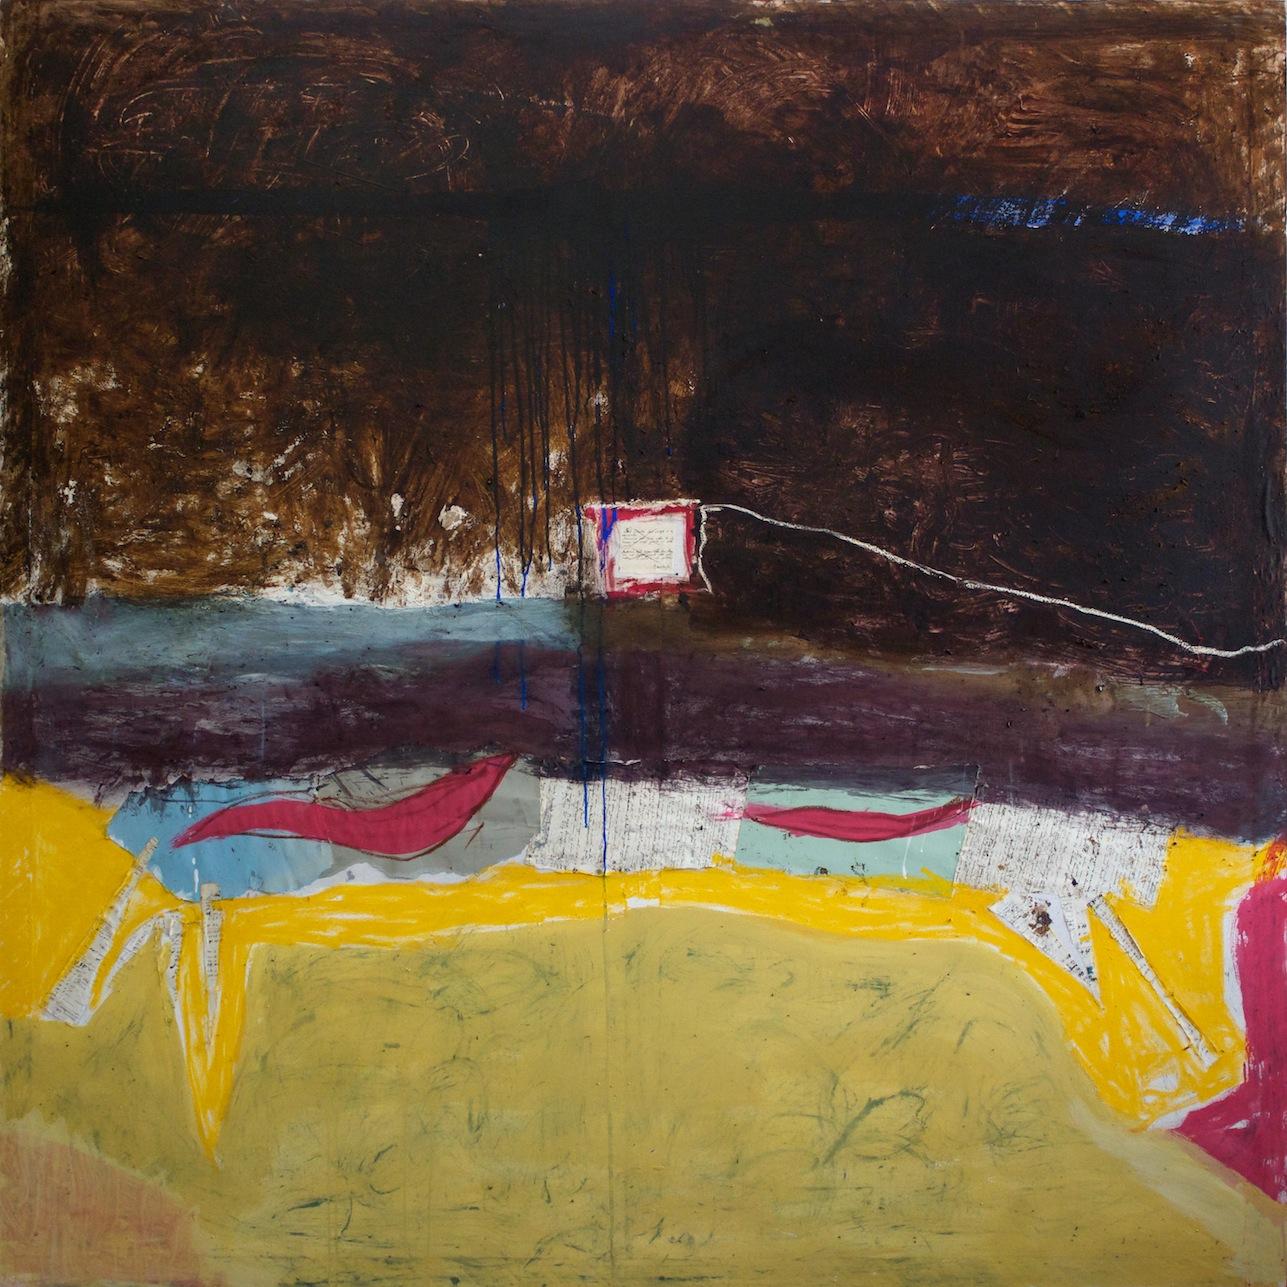 Marcello Mariani - Forma Archetipa - Oil on canvas - 2010